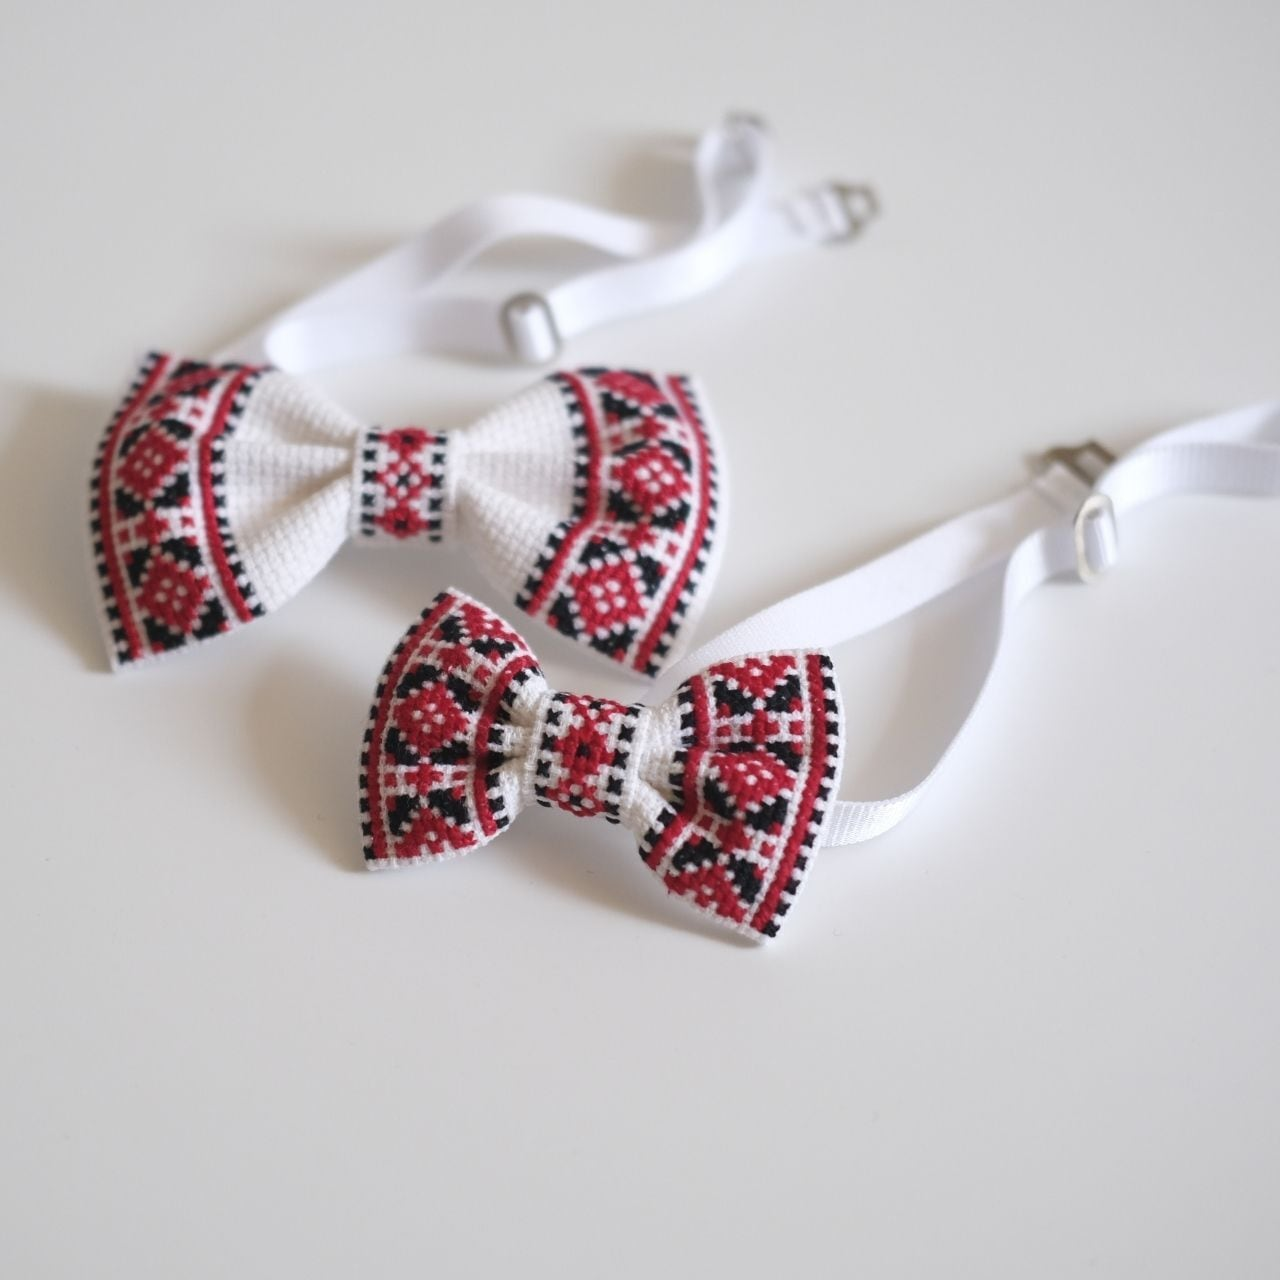 刺繍の親子蝶ネクタイ【ホワイト】